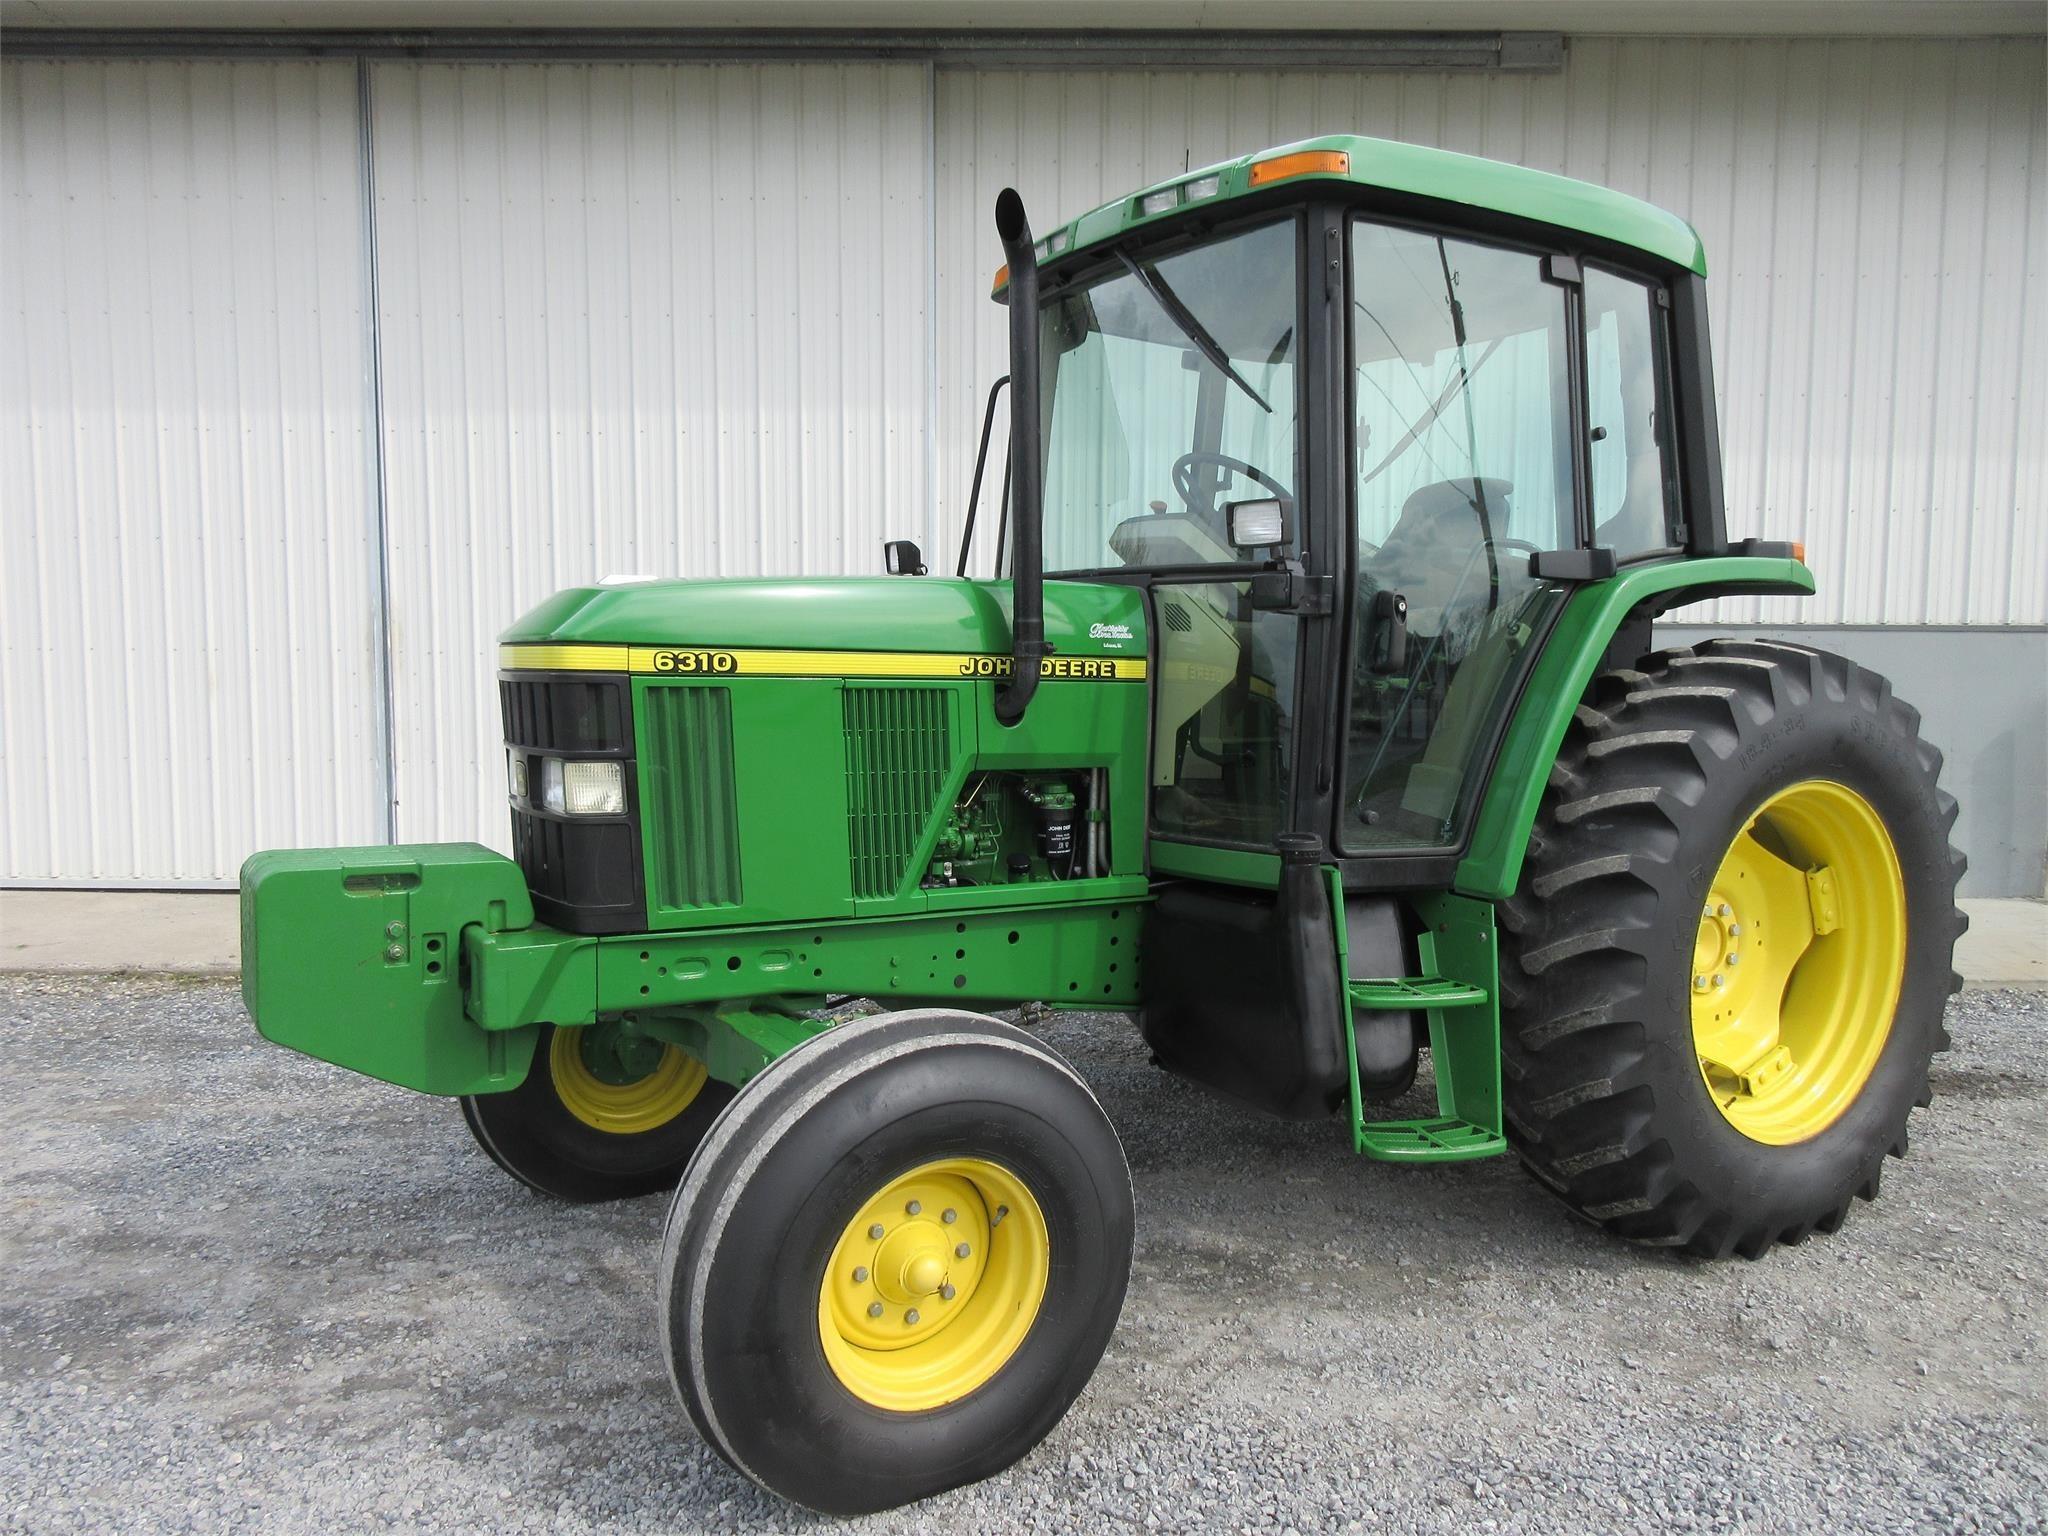 2001 John Deere 6310 Tractor